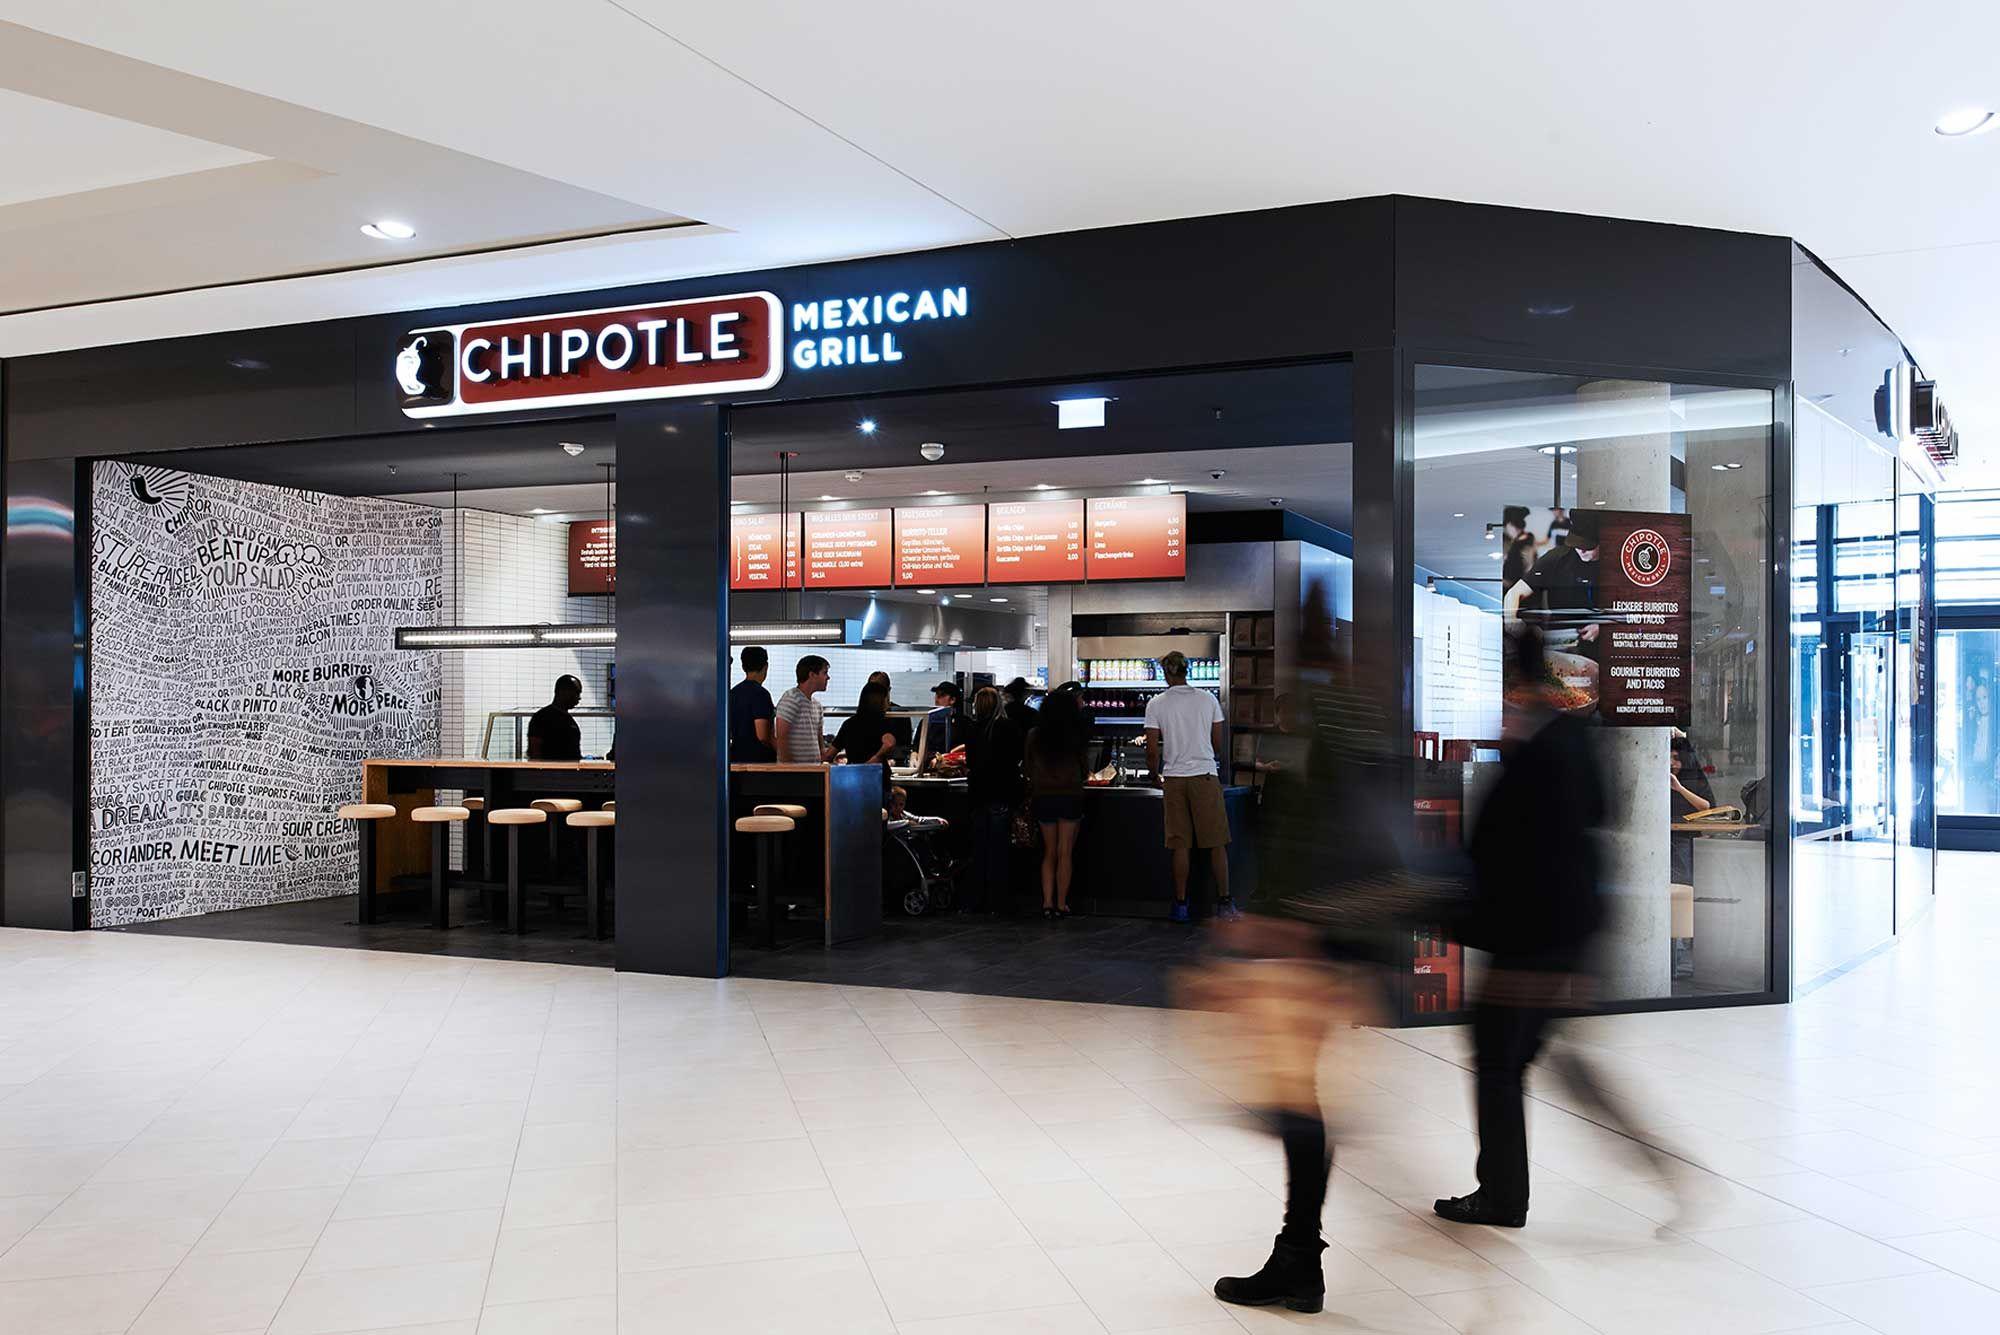 Die Firma Moysig Hat Dem Chipotle Restaurant In Frankfurt Am Main